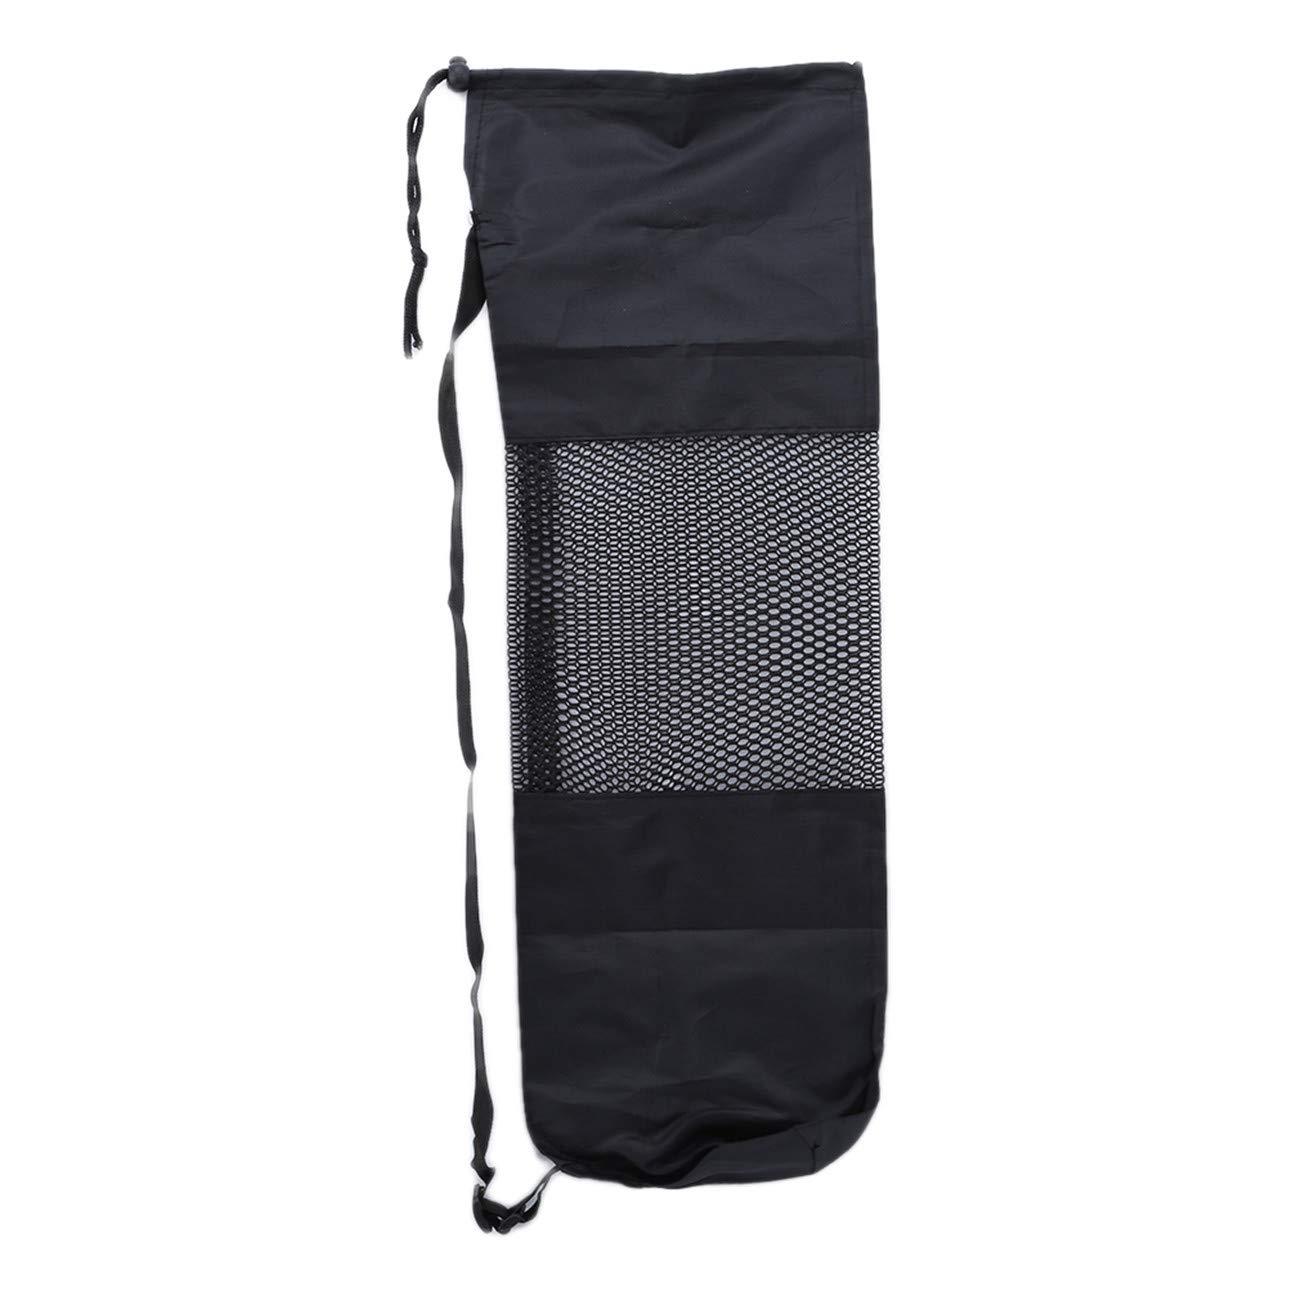 Amazon.com : ZALING Yoga Backpack Yoga Mat Bag Adjustable ...